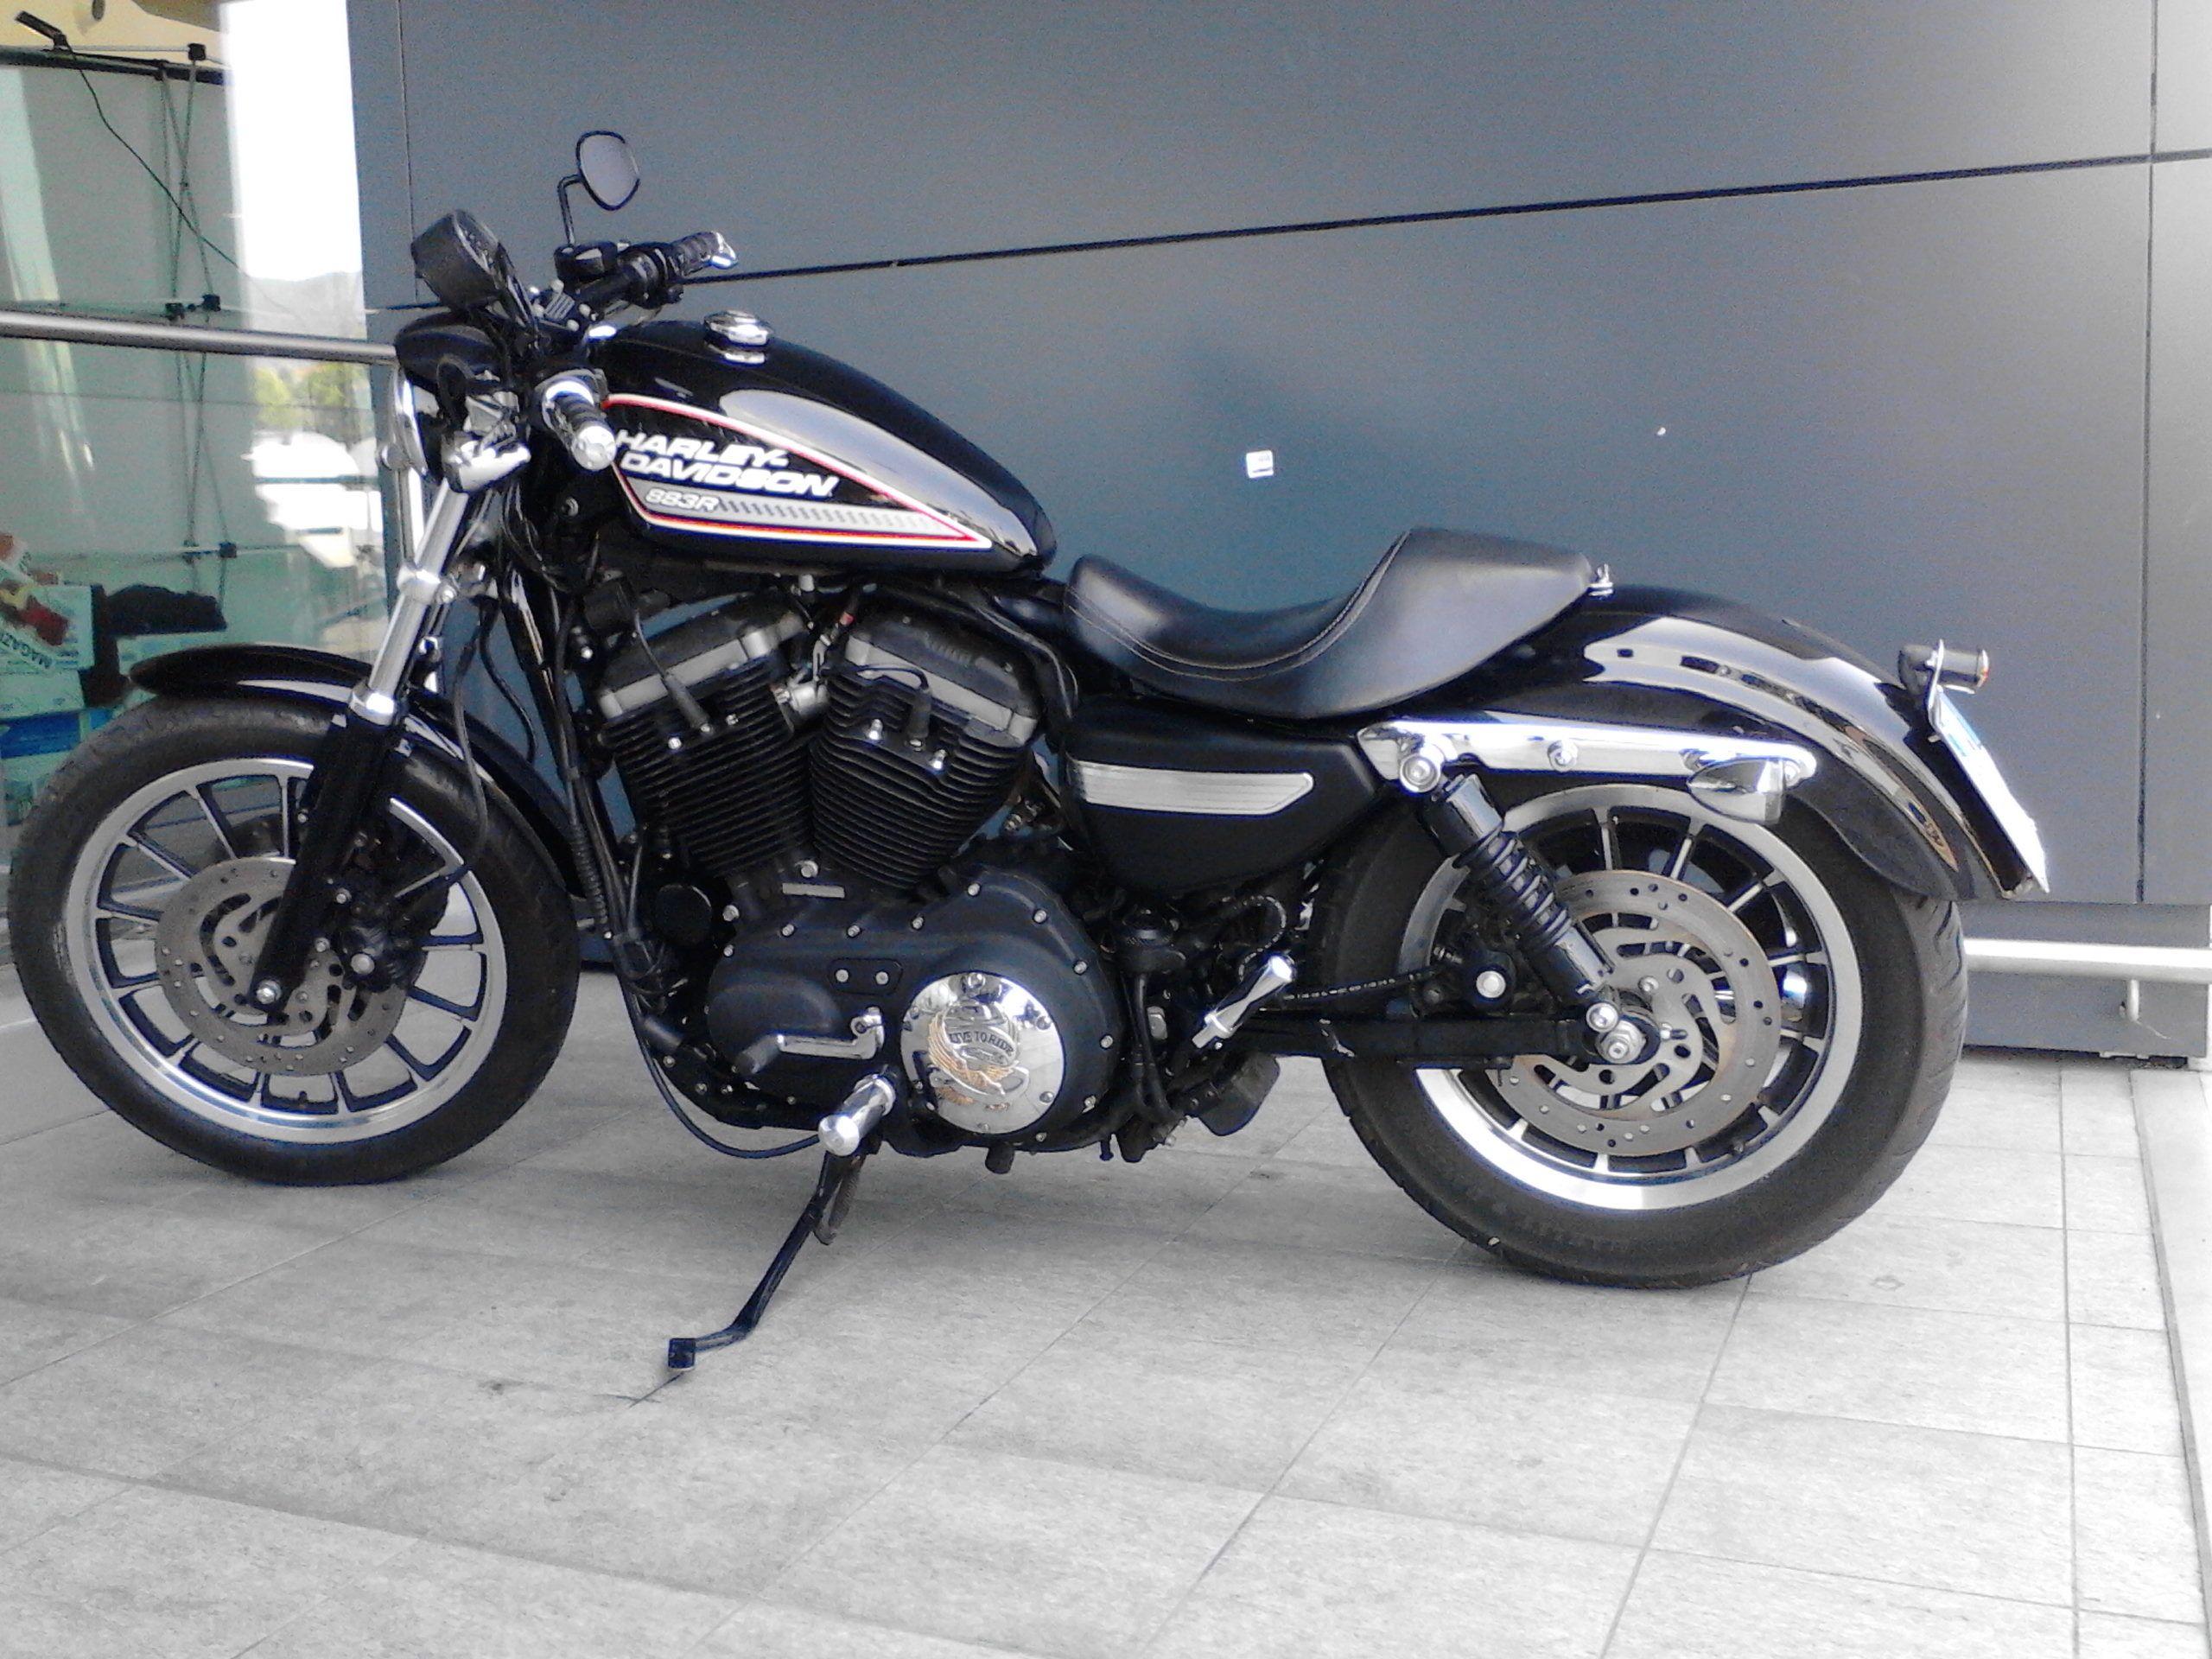 Harley Davidson 883R | Motorsickles | Pinterest | Harley davidson